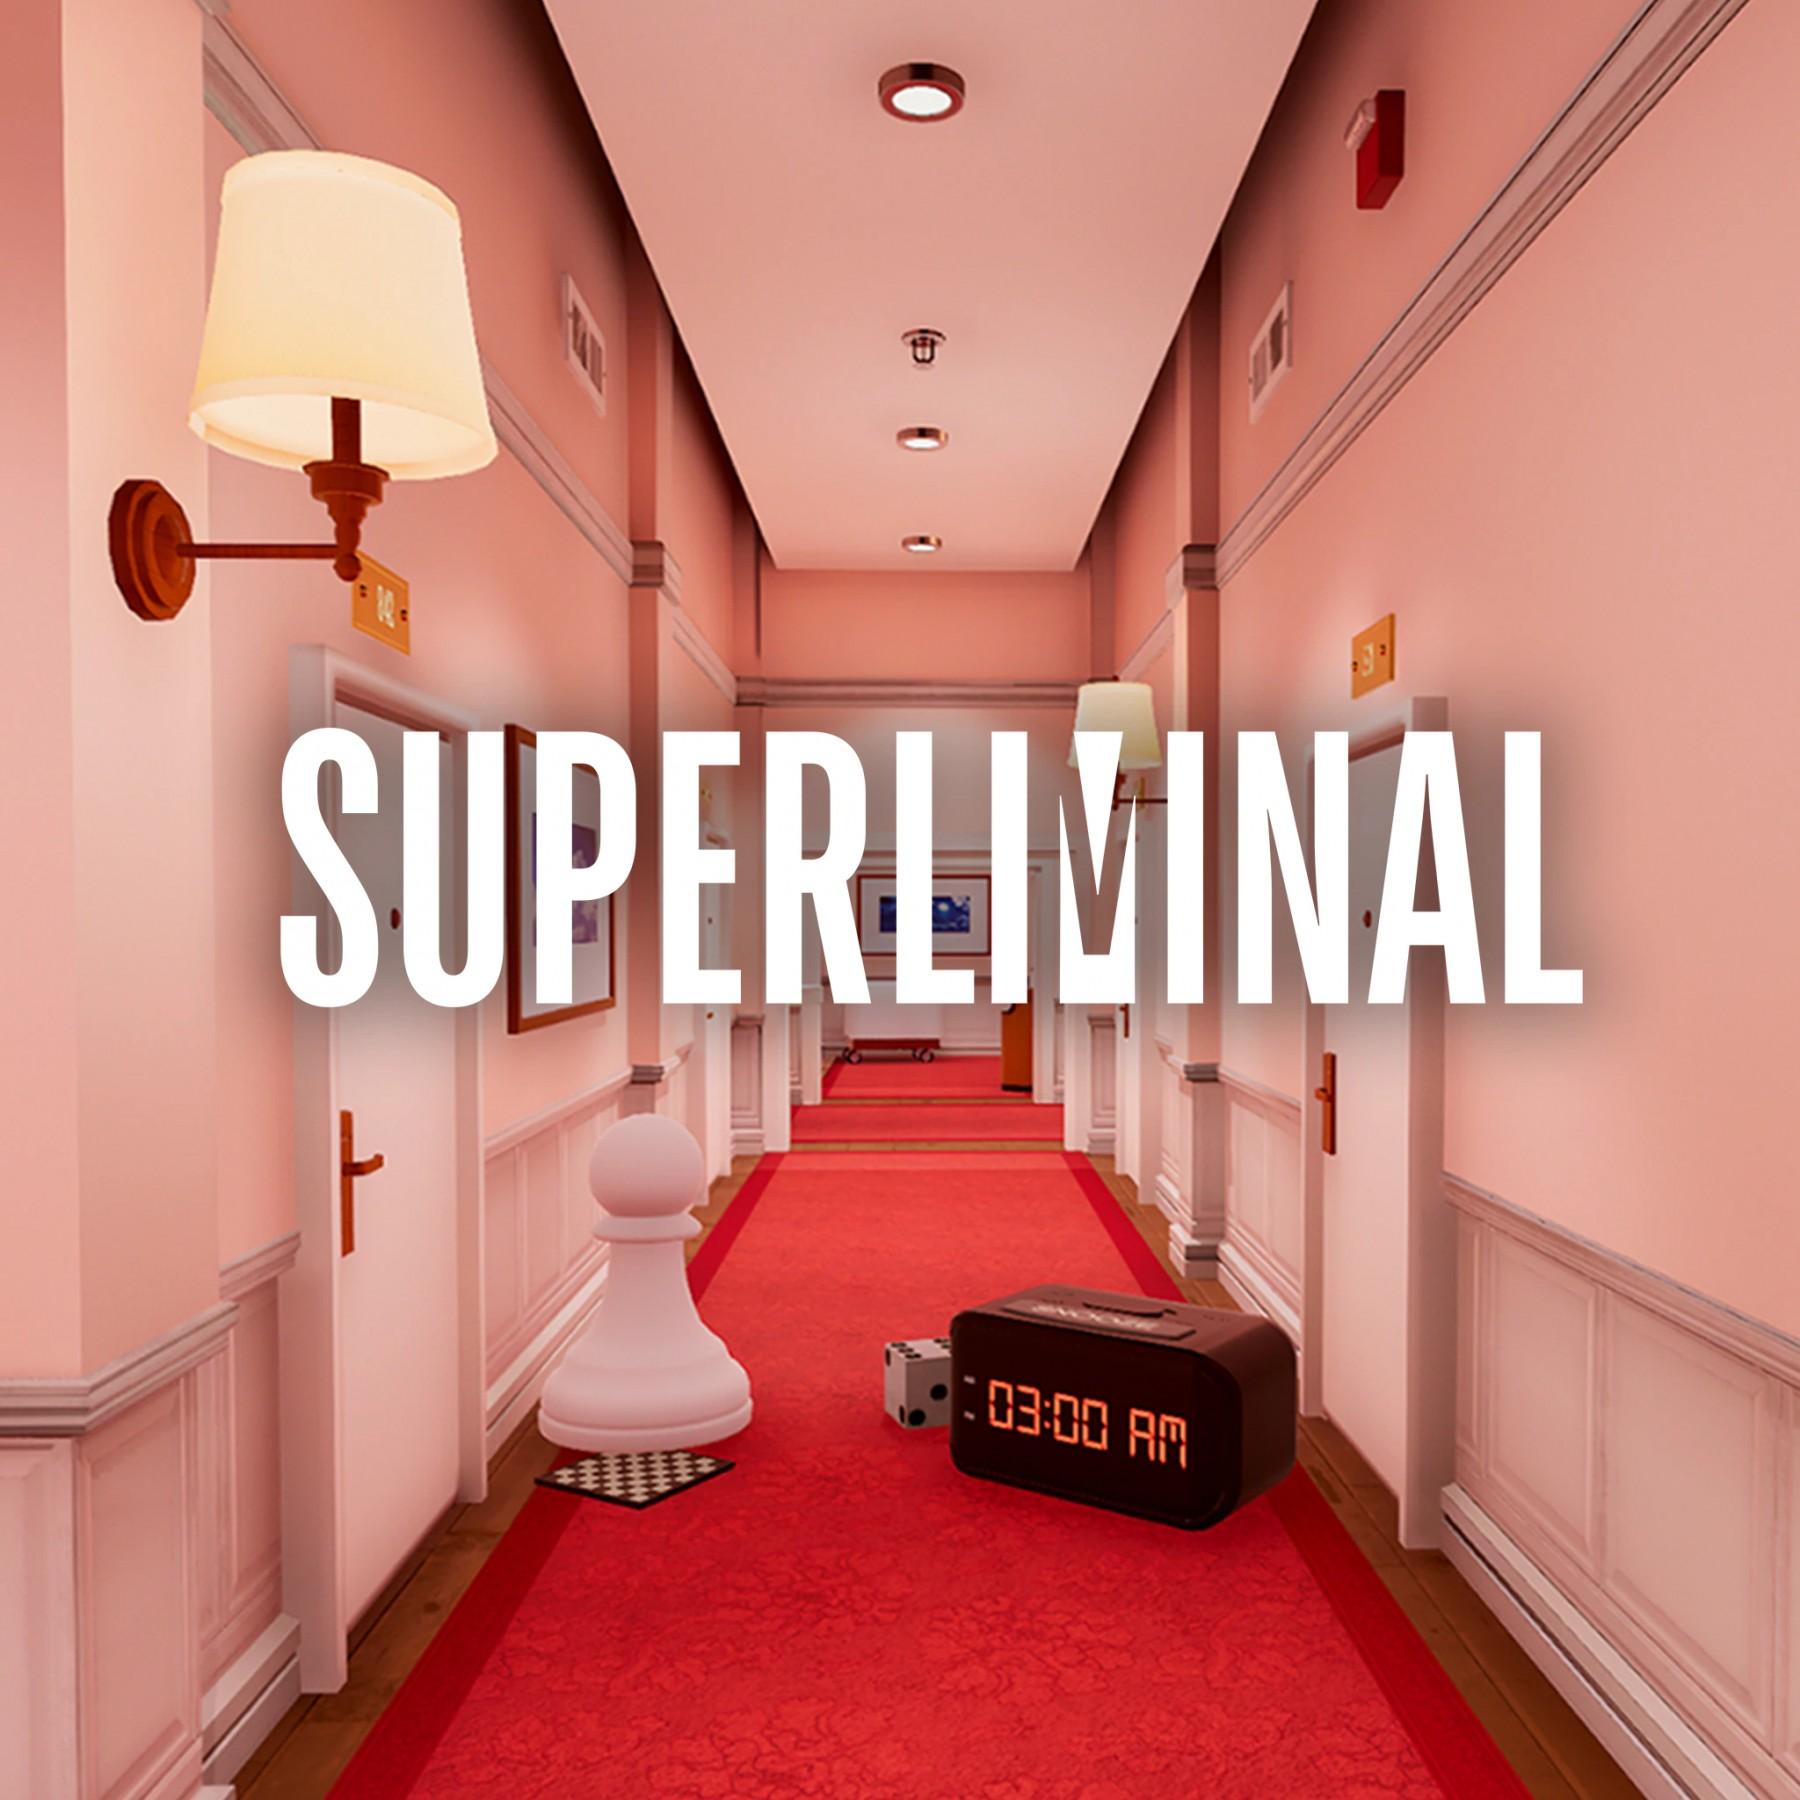 Прокат Superliminal від 7 днів PS4